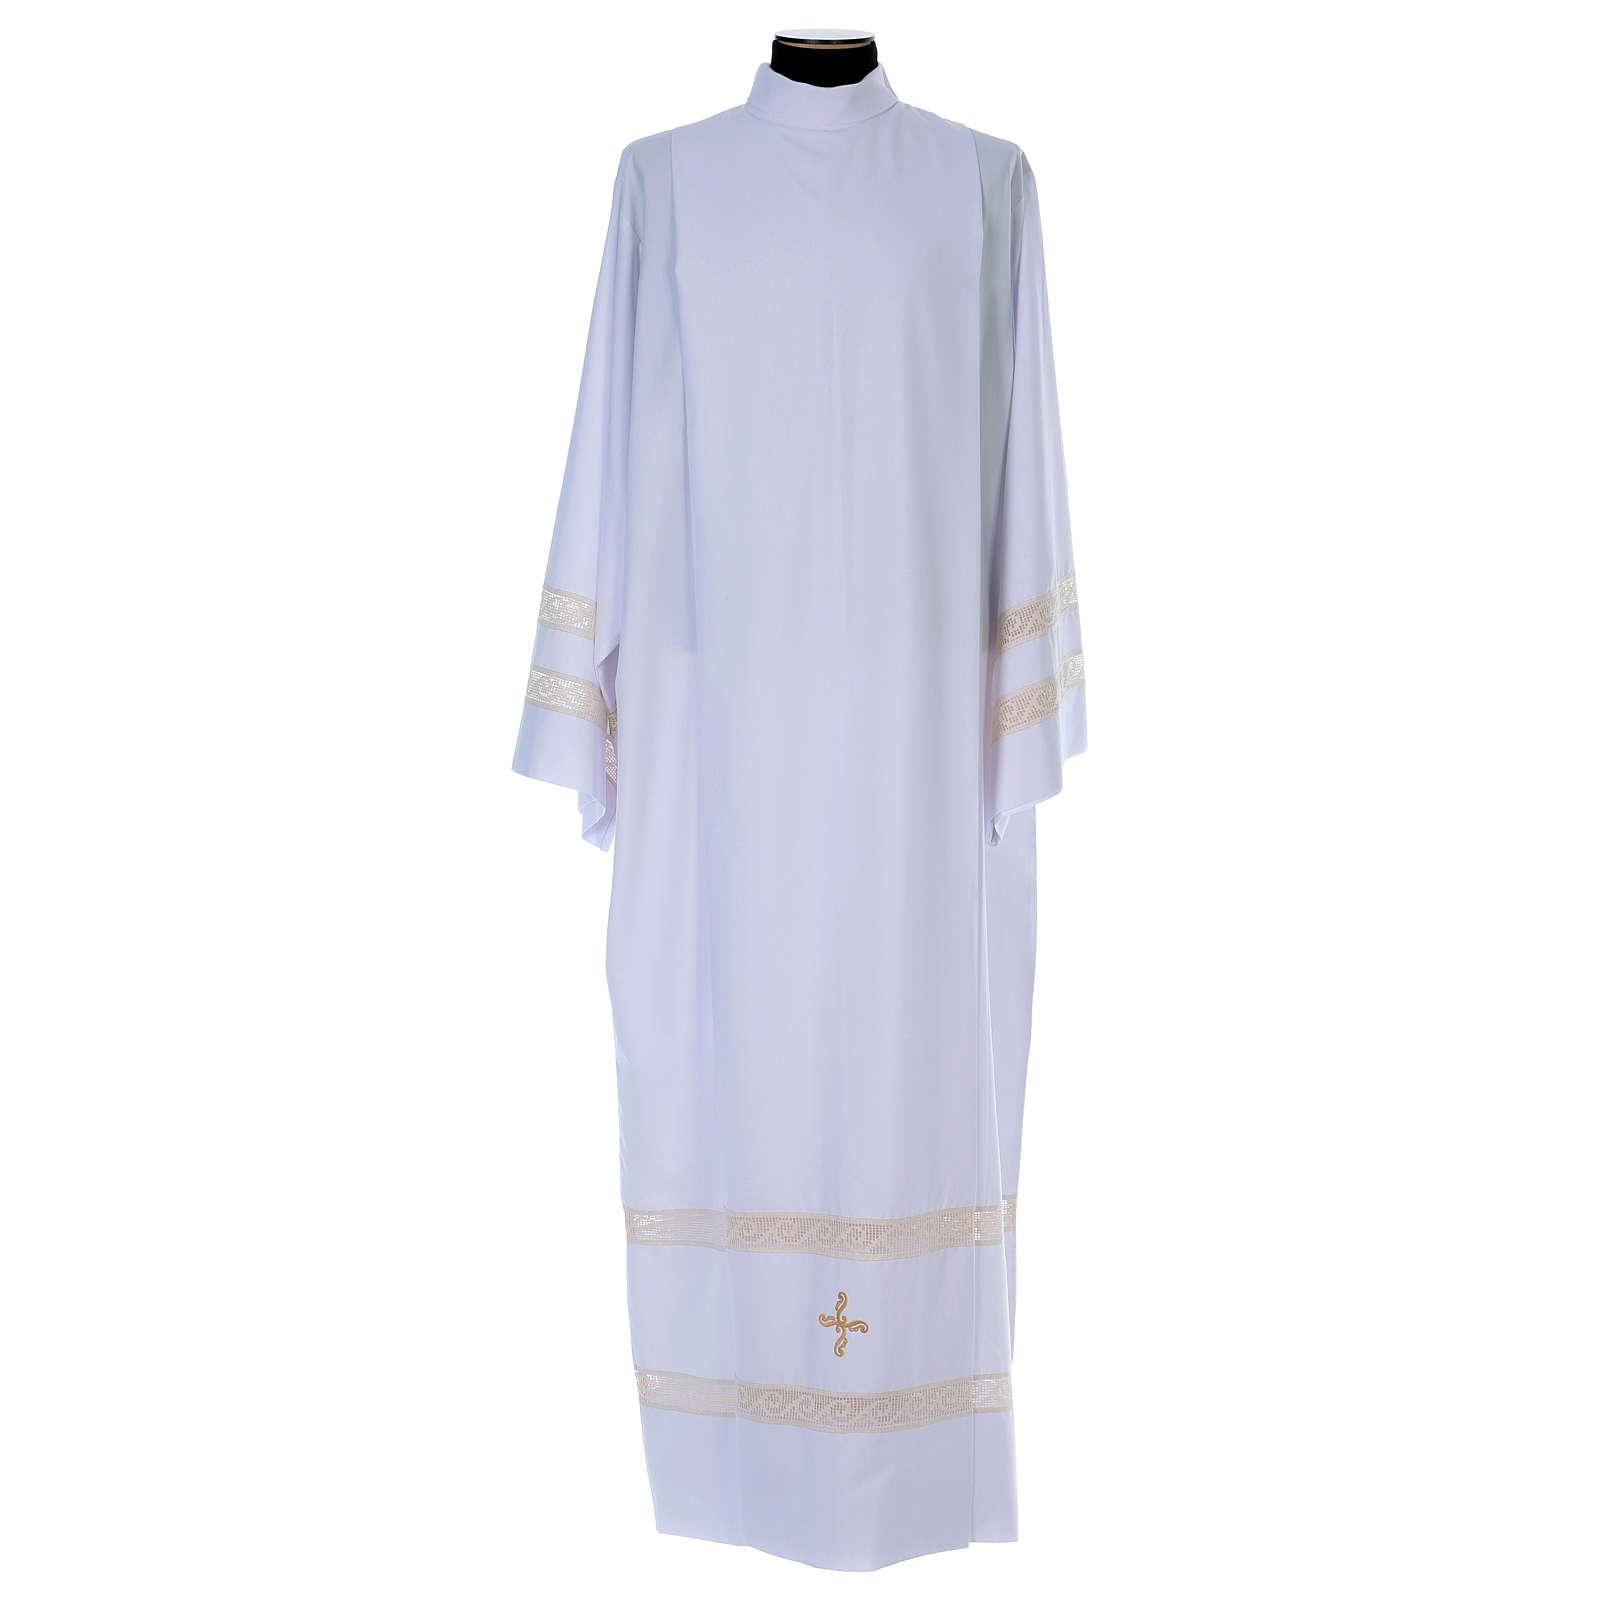 Camice tela Vaticana doppio tramezzo croce ricamata 4